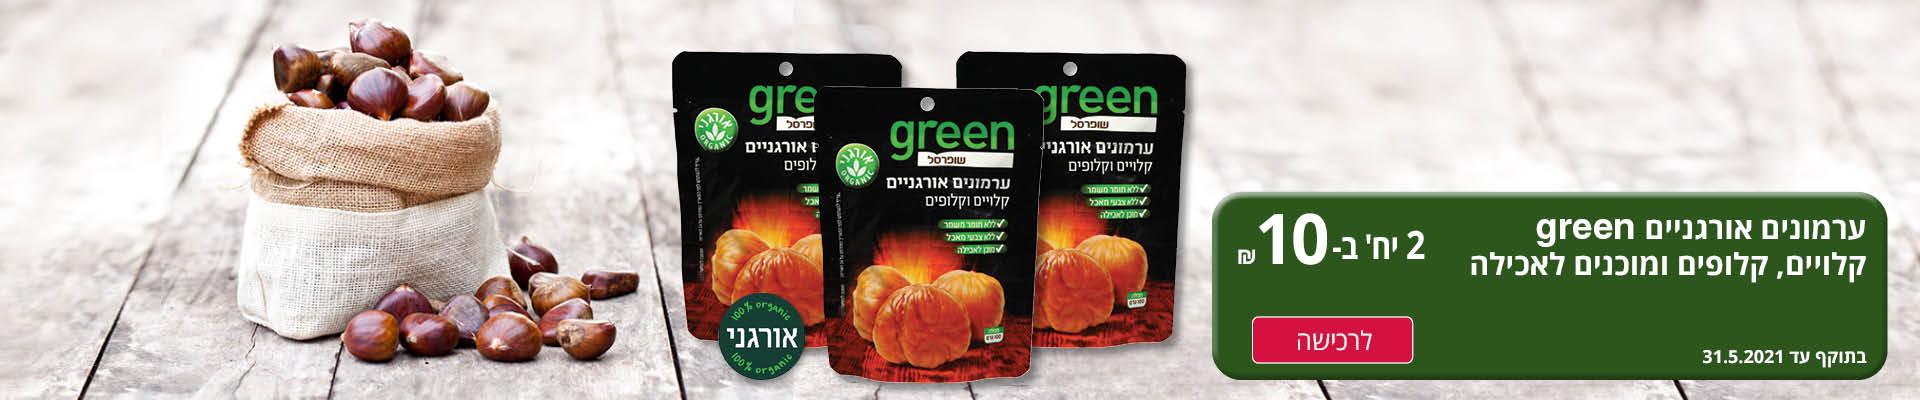 ערמונים אורגניים GREEN קלויים, קלופים ומוכנים לאכילה 2 יח' ב- 10 ₪ לרכישה בתוקף עד 31.5.2021